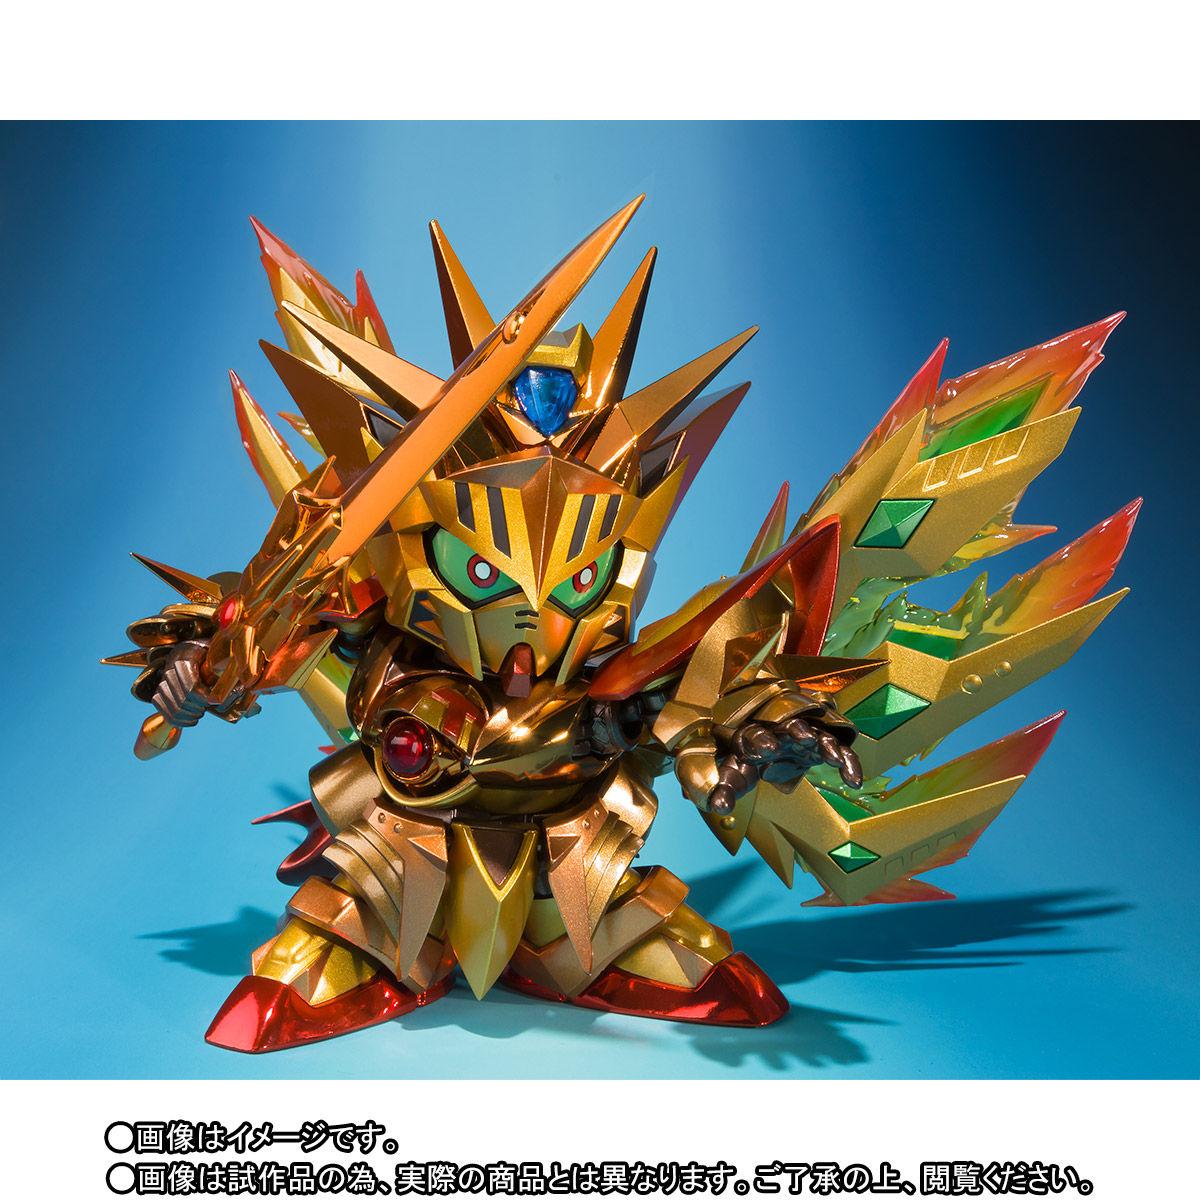 SDX『太陽騎士ゴッドガンダム 明鏡止水ゴールドバージョン』新SDガンダム外伝 可動フィギュア-003